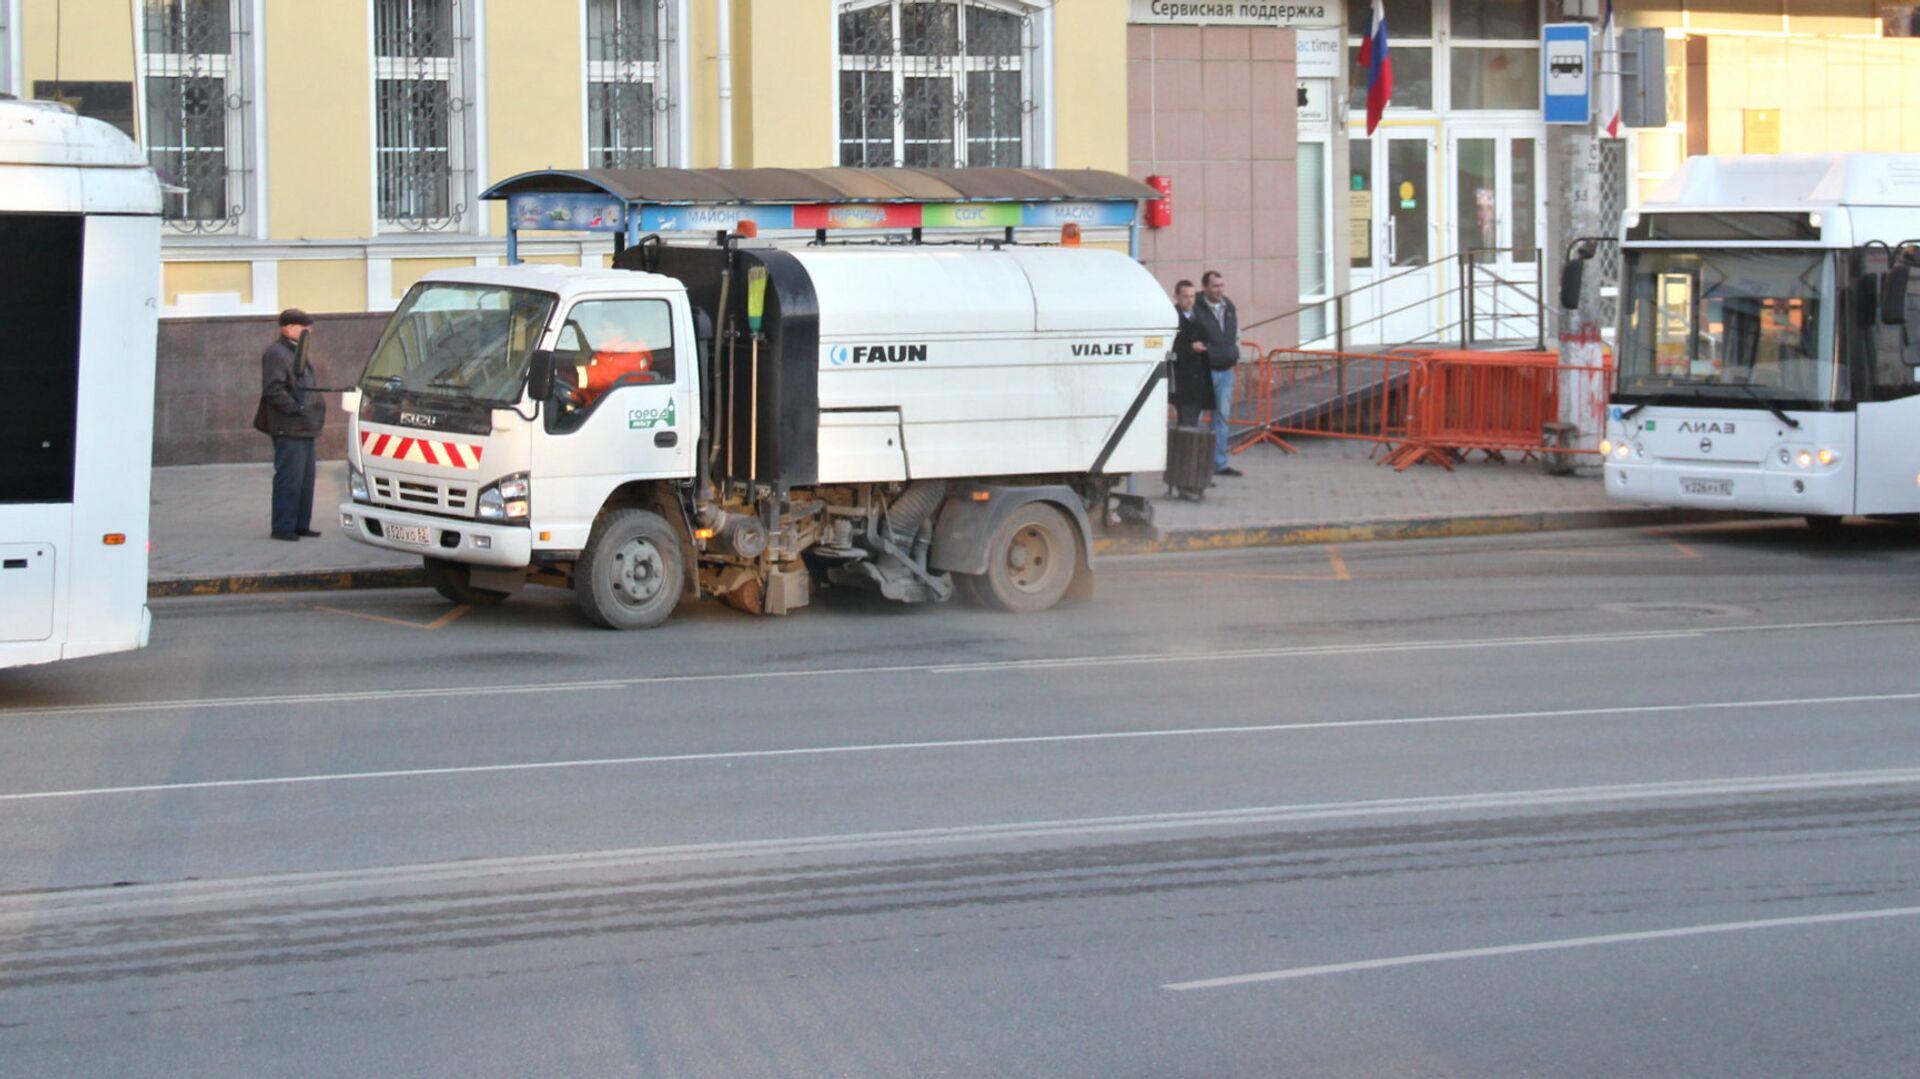 Уборка центральных улиц Симферополя - РИА Новости, 1920, 22.09.2021